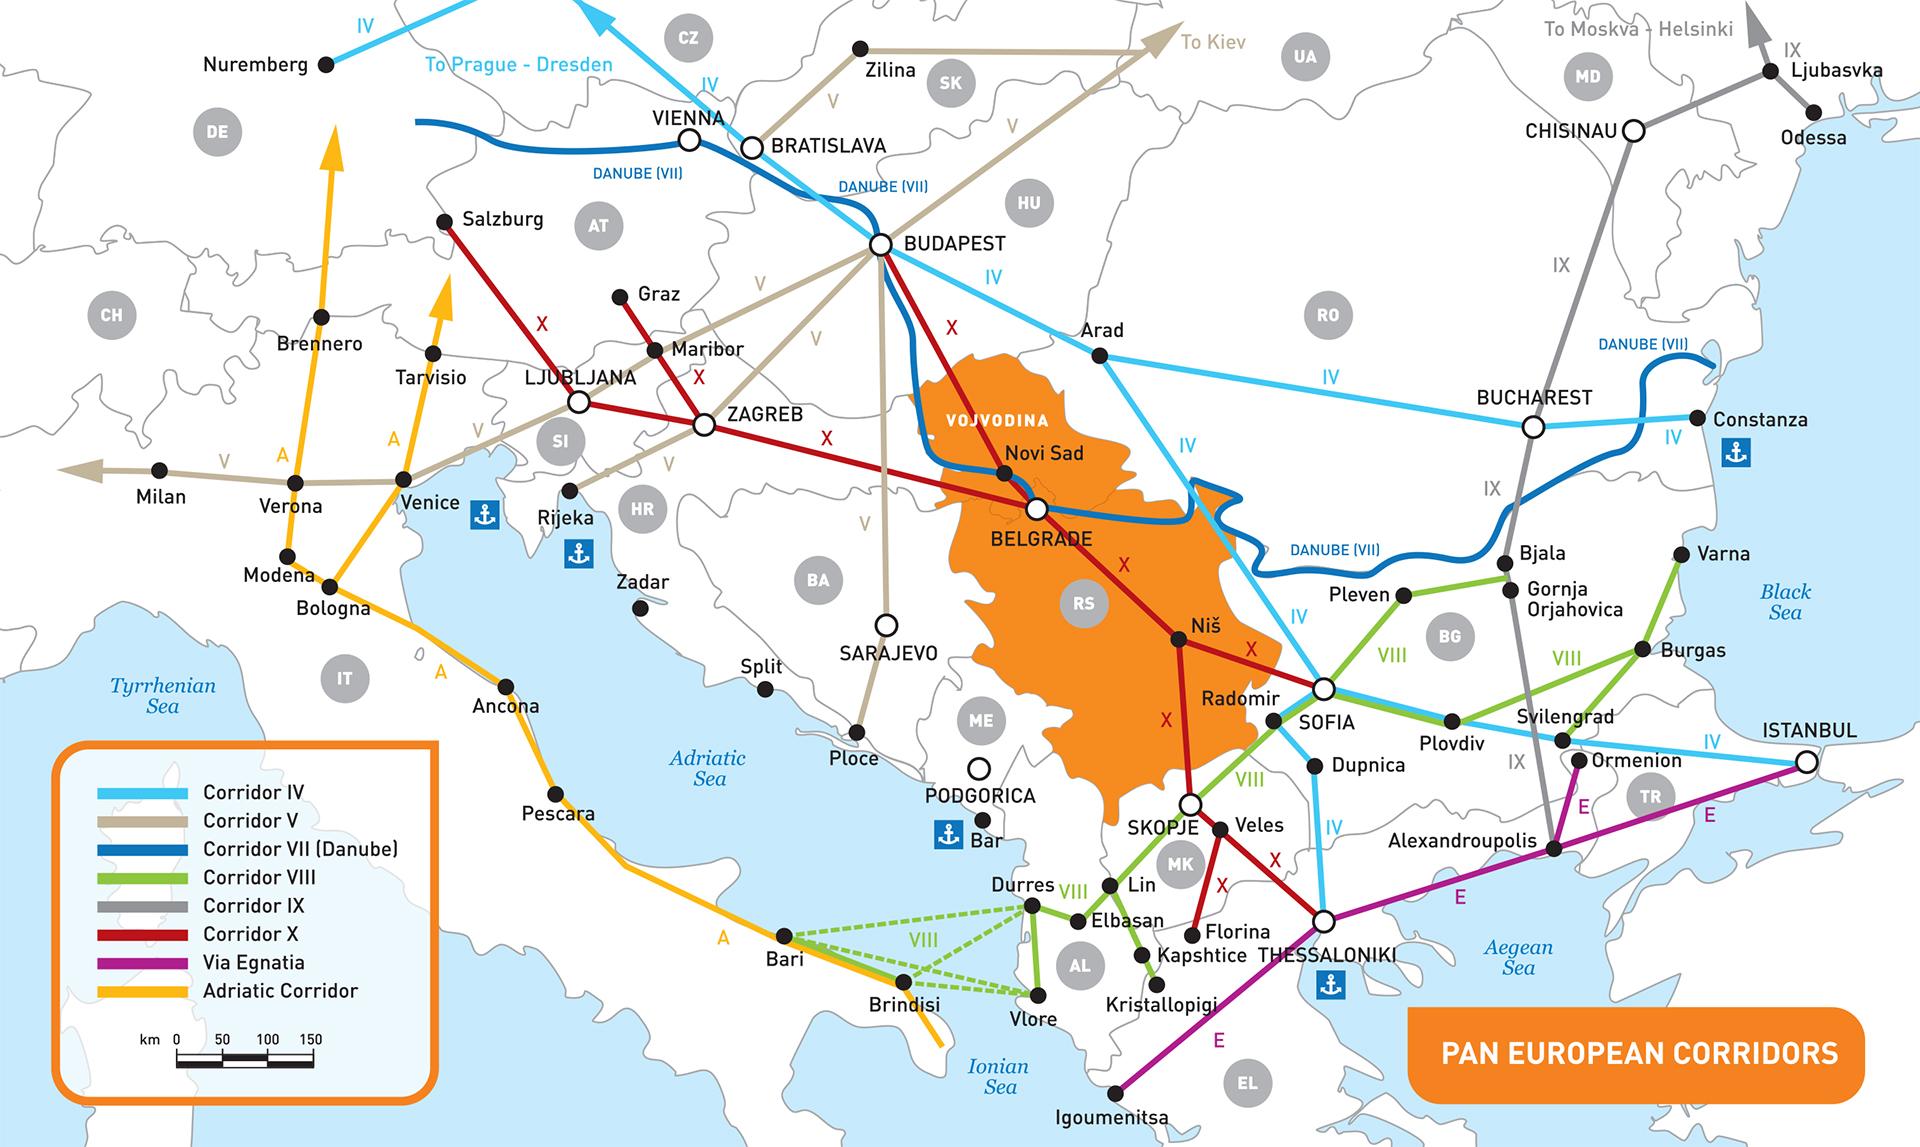 mapa-koridiori-evropa-2017